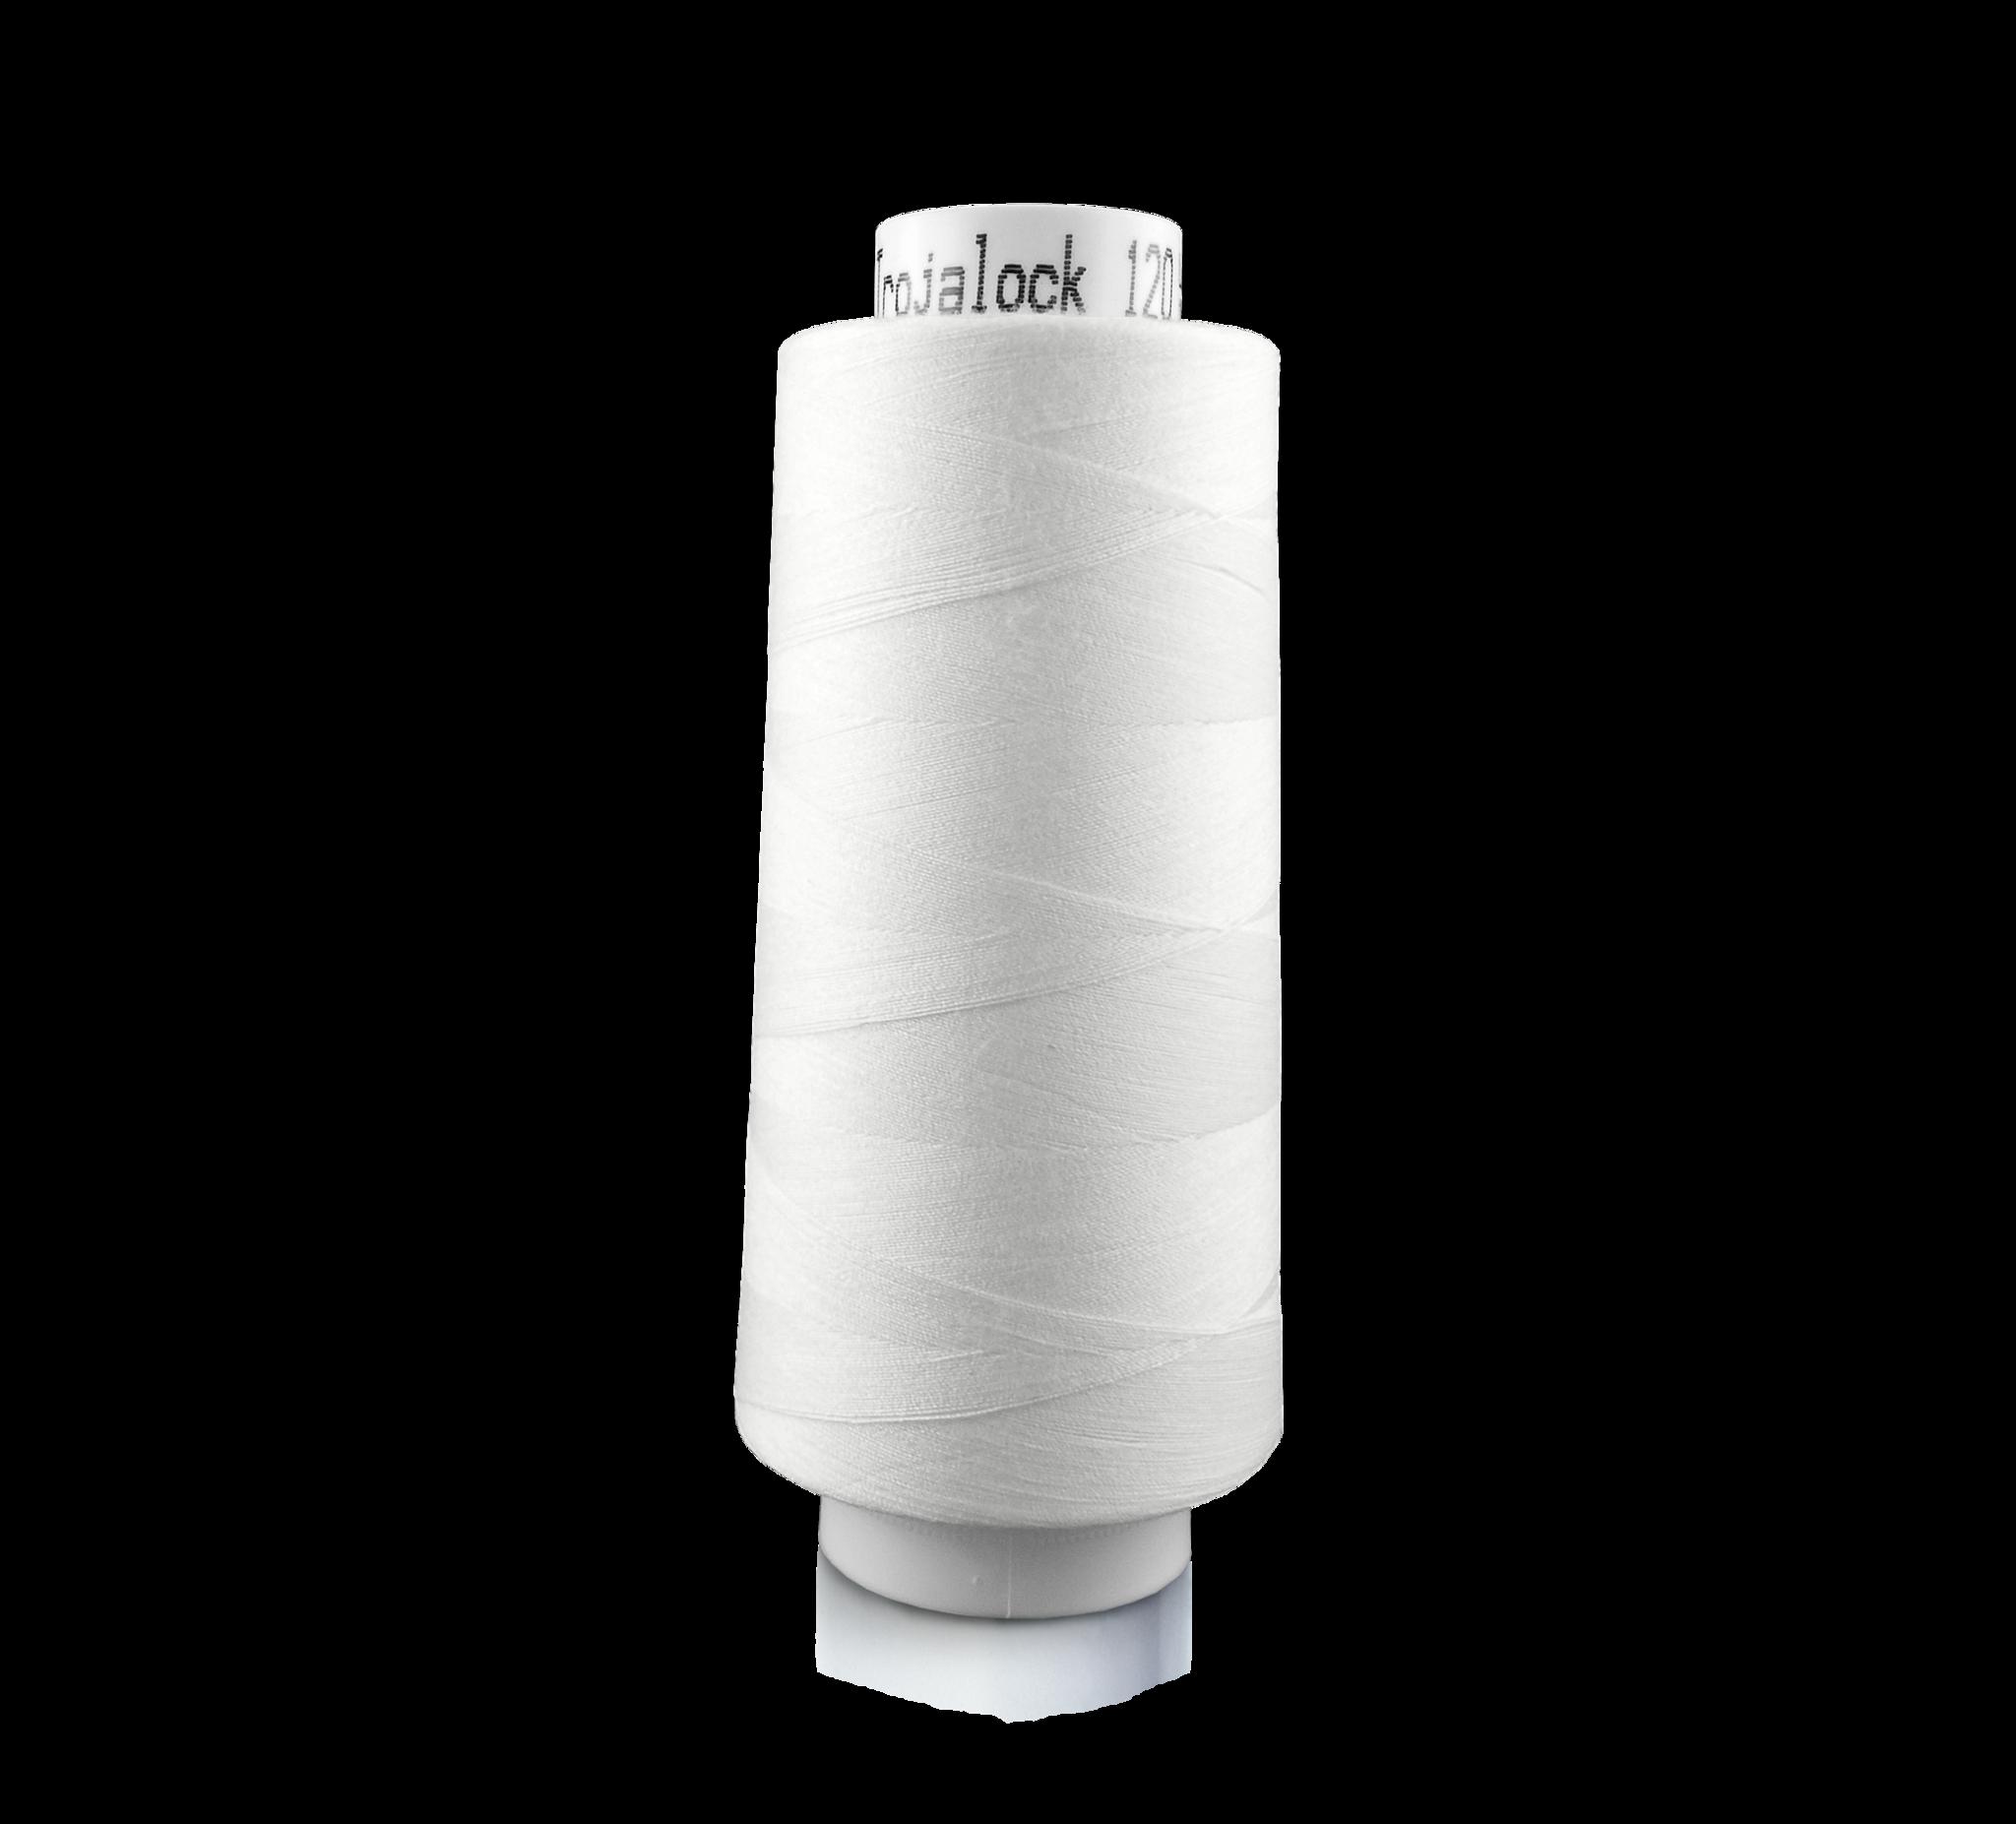 Trojalock - 2500m - 1000-1